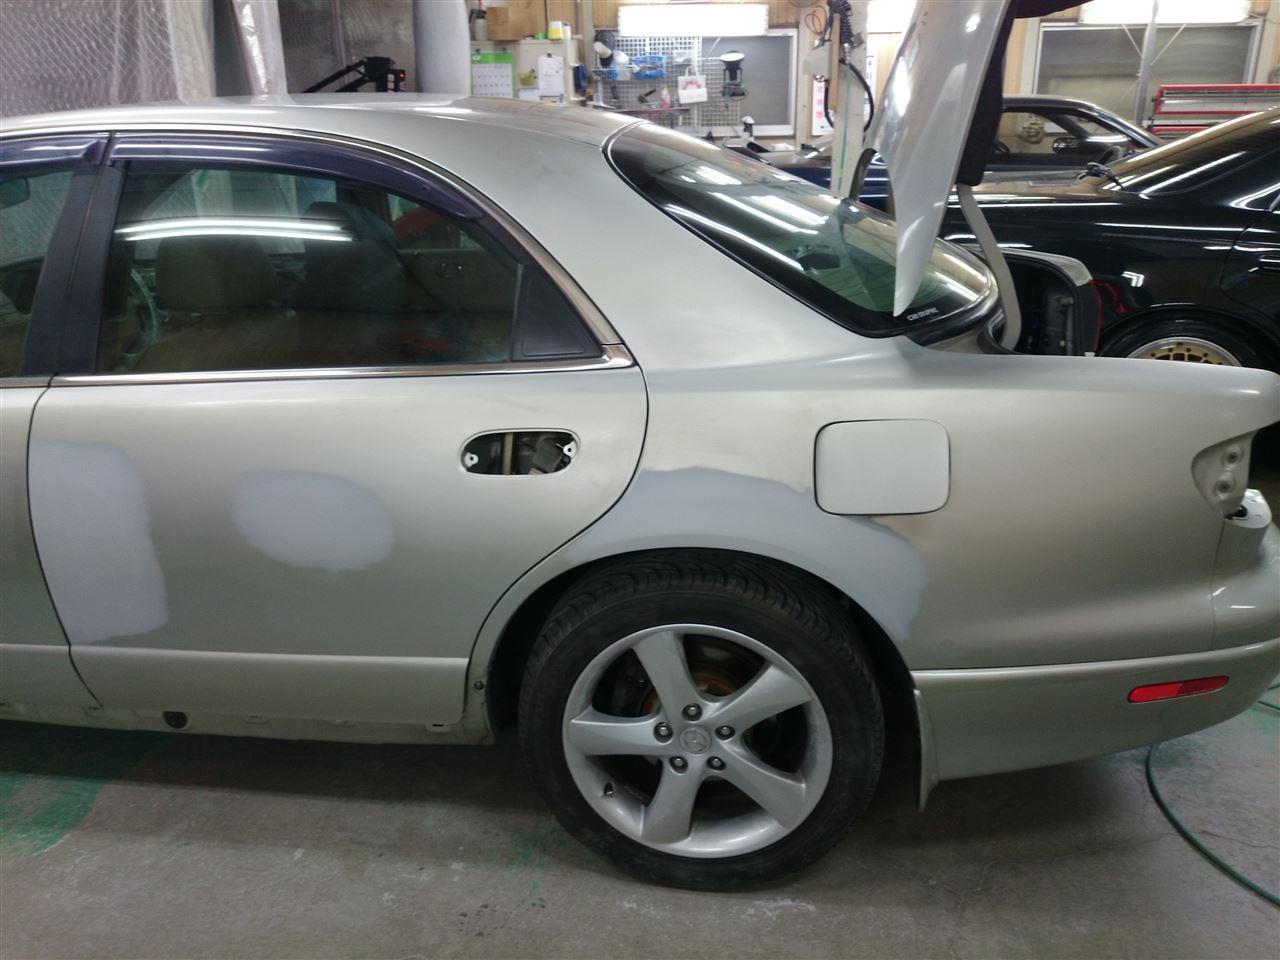 東京都立川市の車の板金塗装修理工場 ガレージローライドのマツダ ミレーニアの左側面のキズ へこみ の板金 修理 塗装 です。